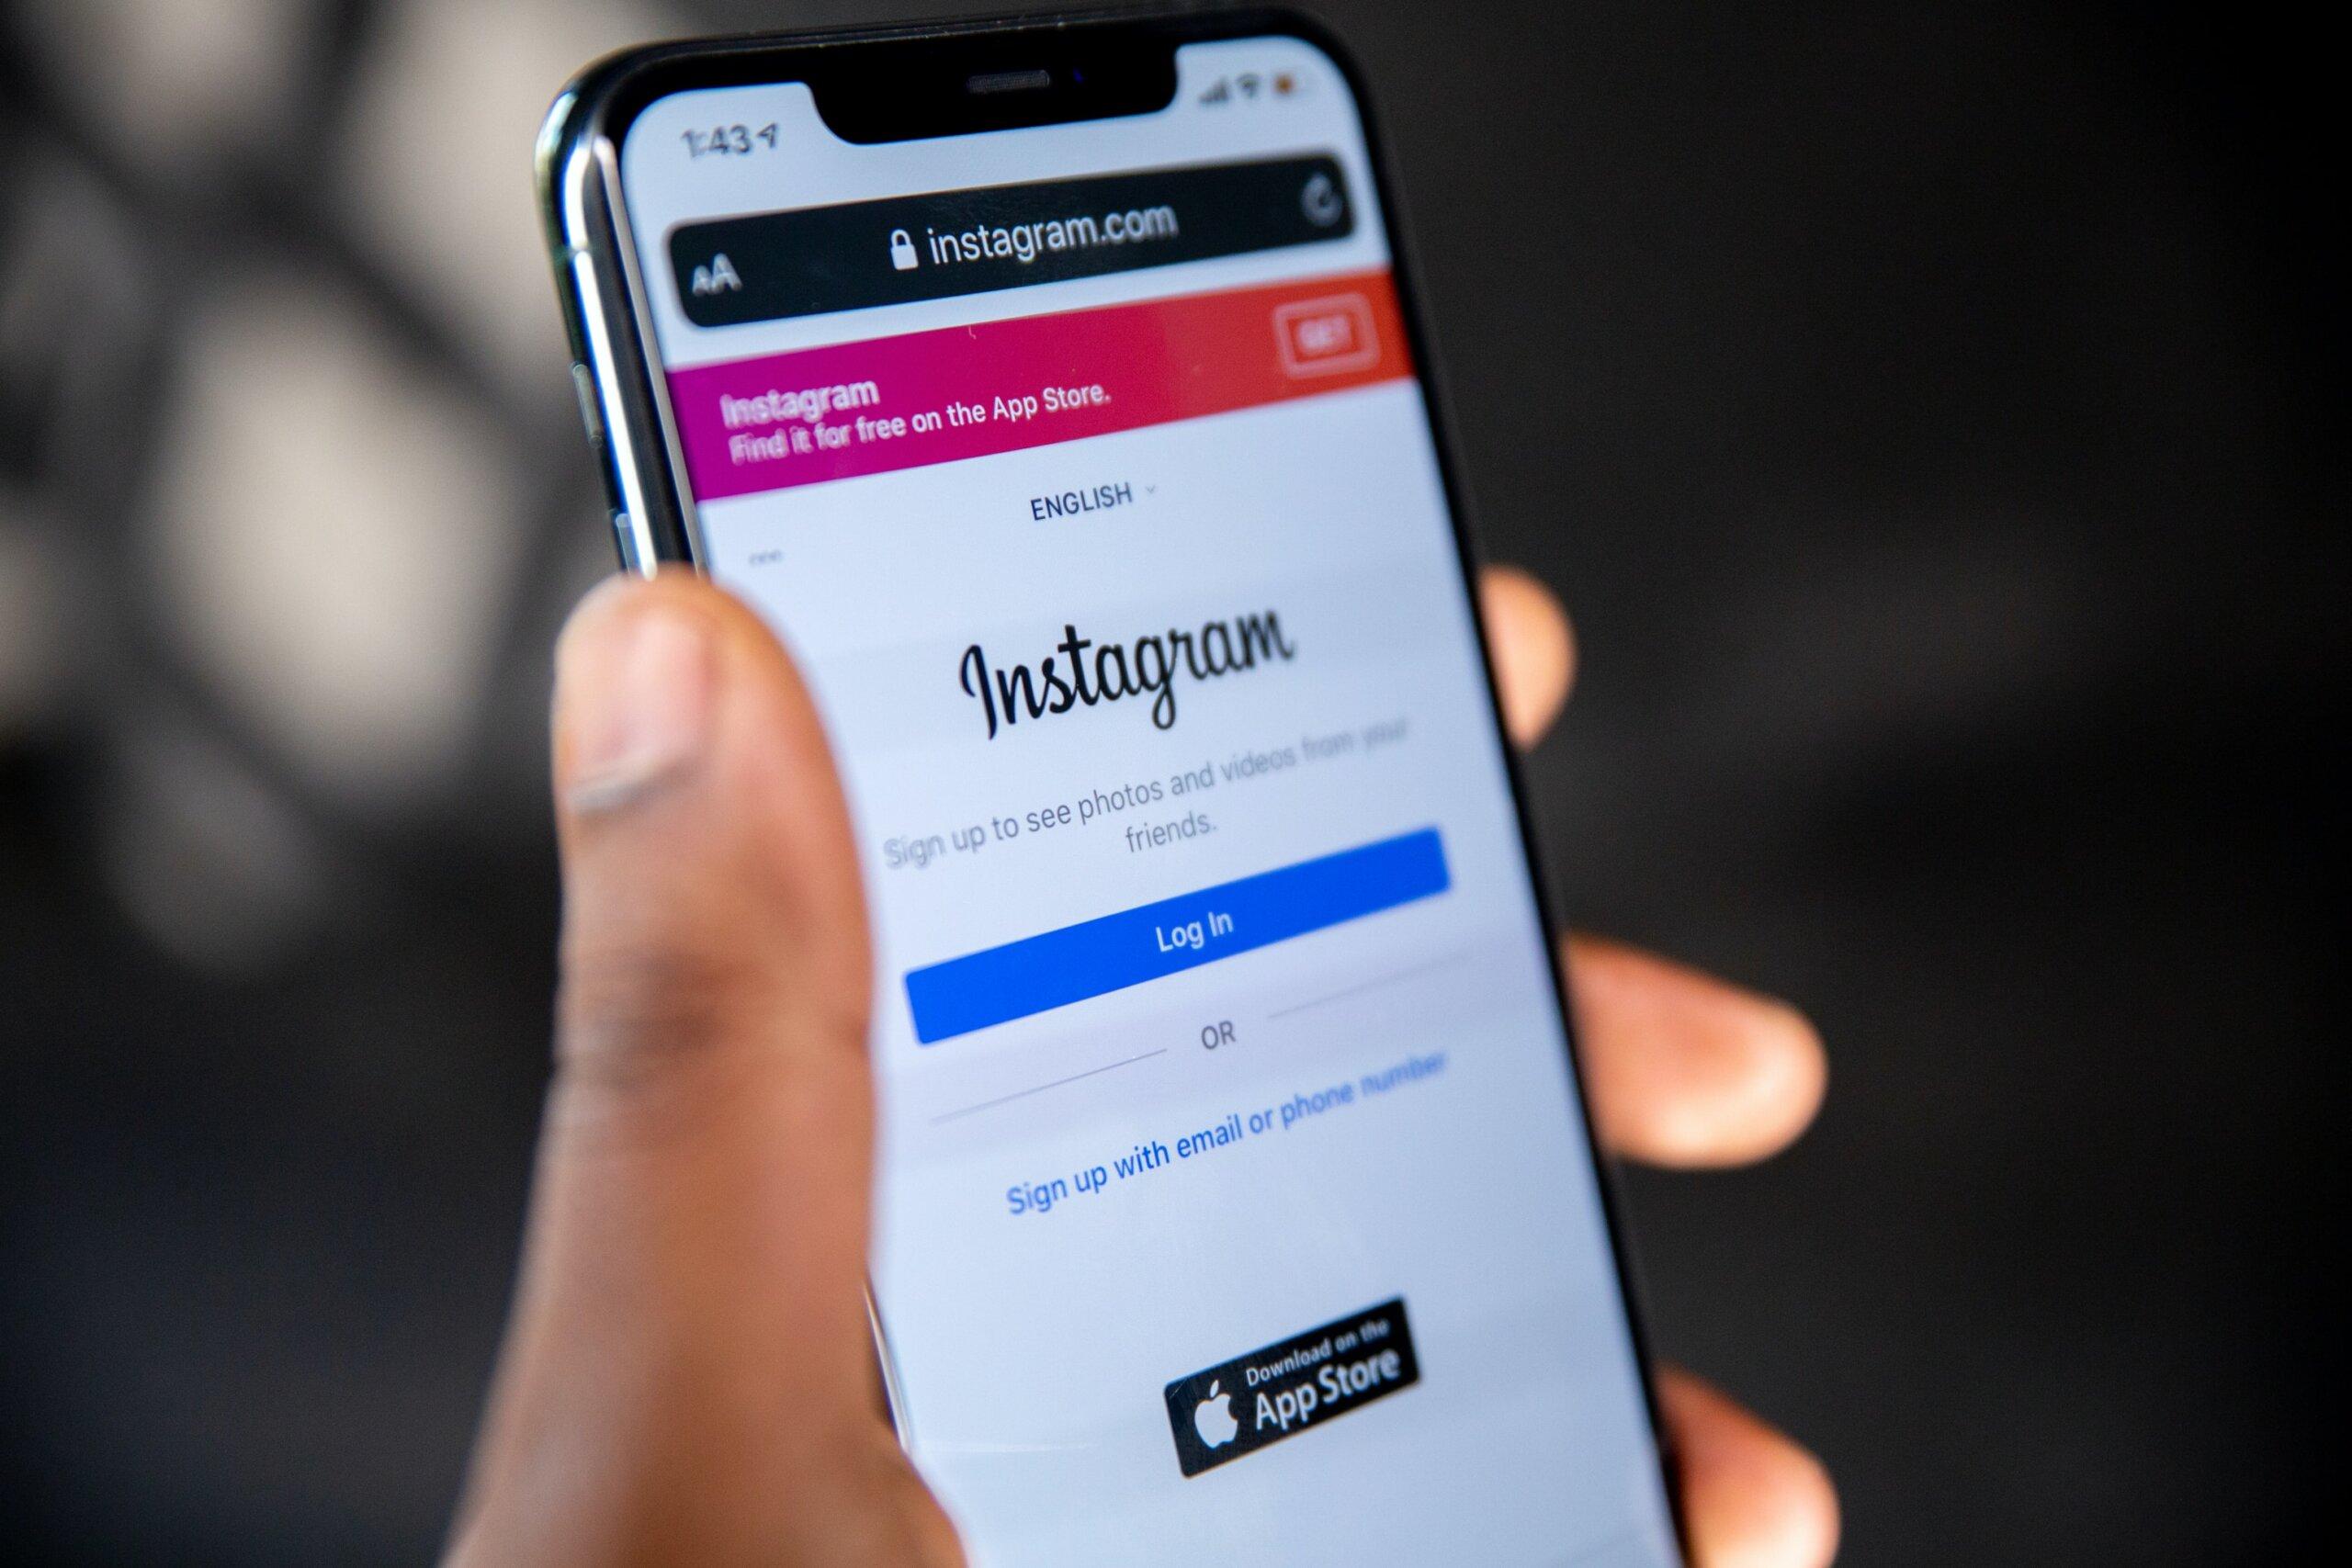 Bạn đã biết cách đăng ký Instagram bằng số điện thoại chưa?